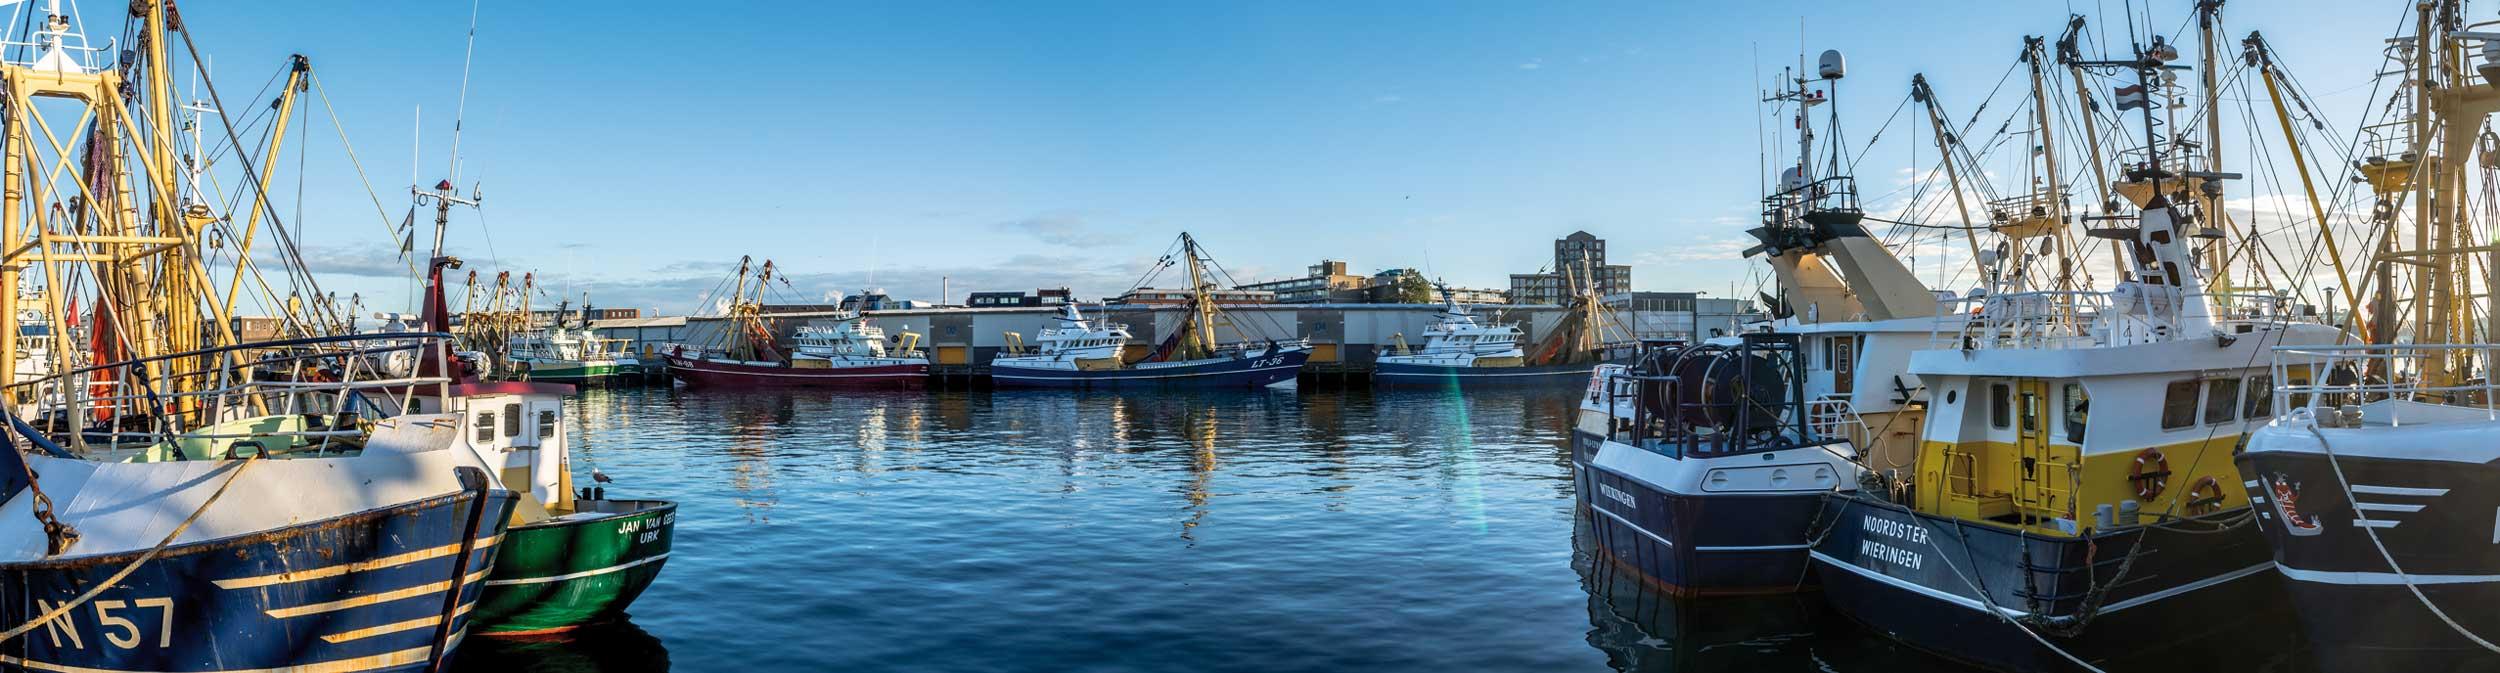 Panorama van haven met boten.